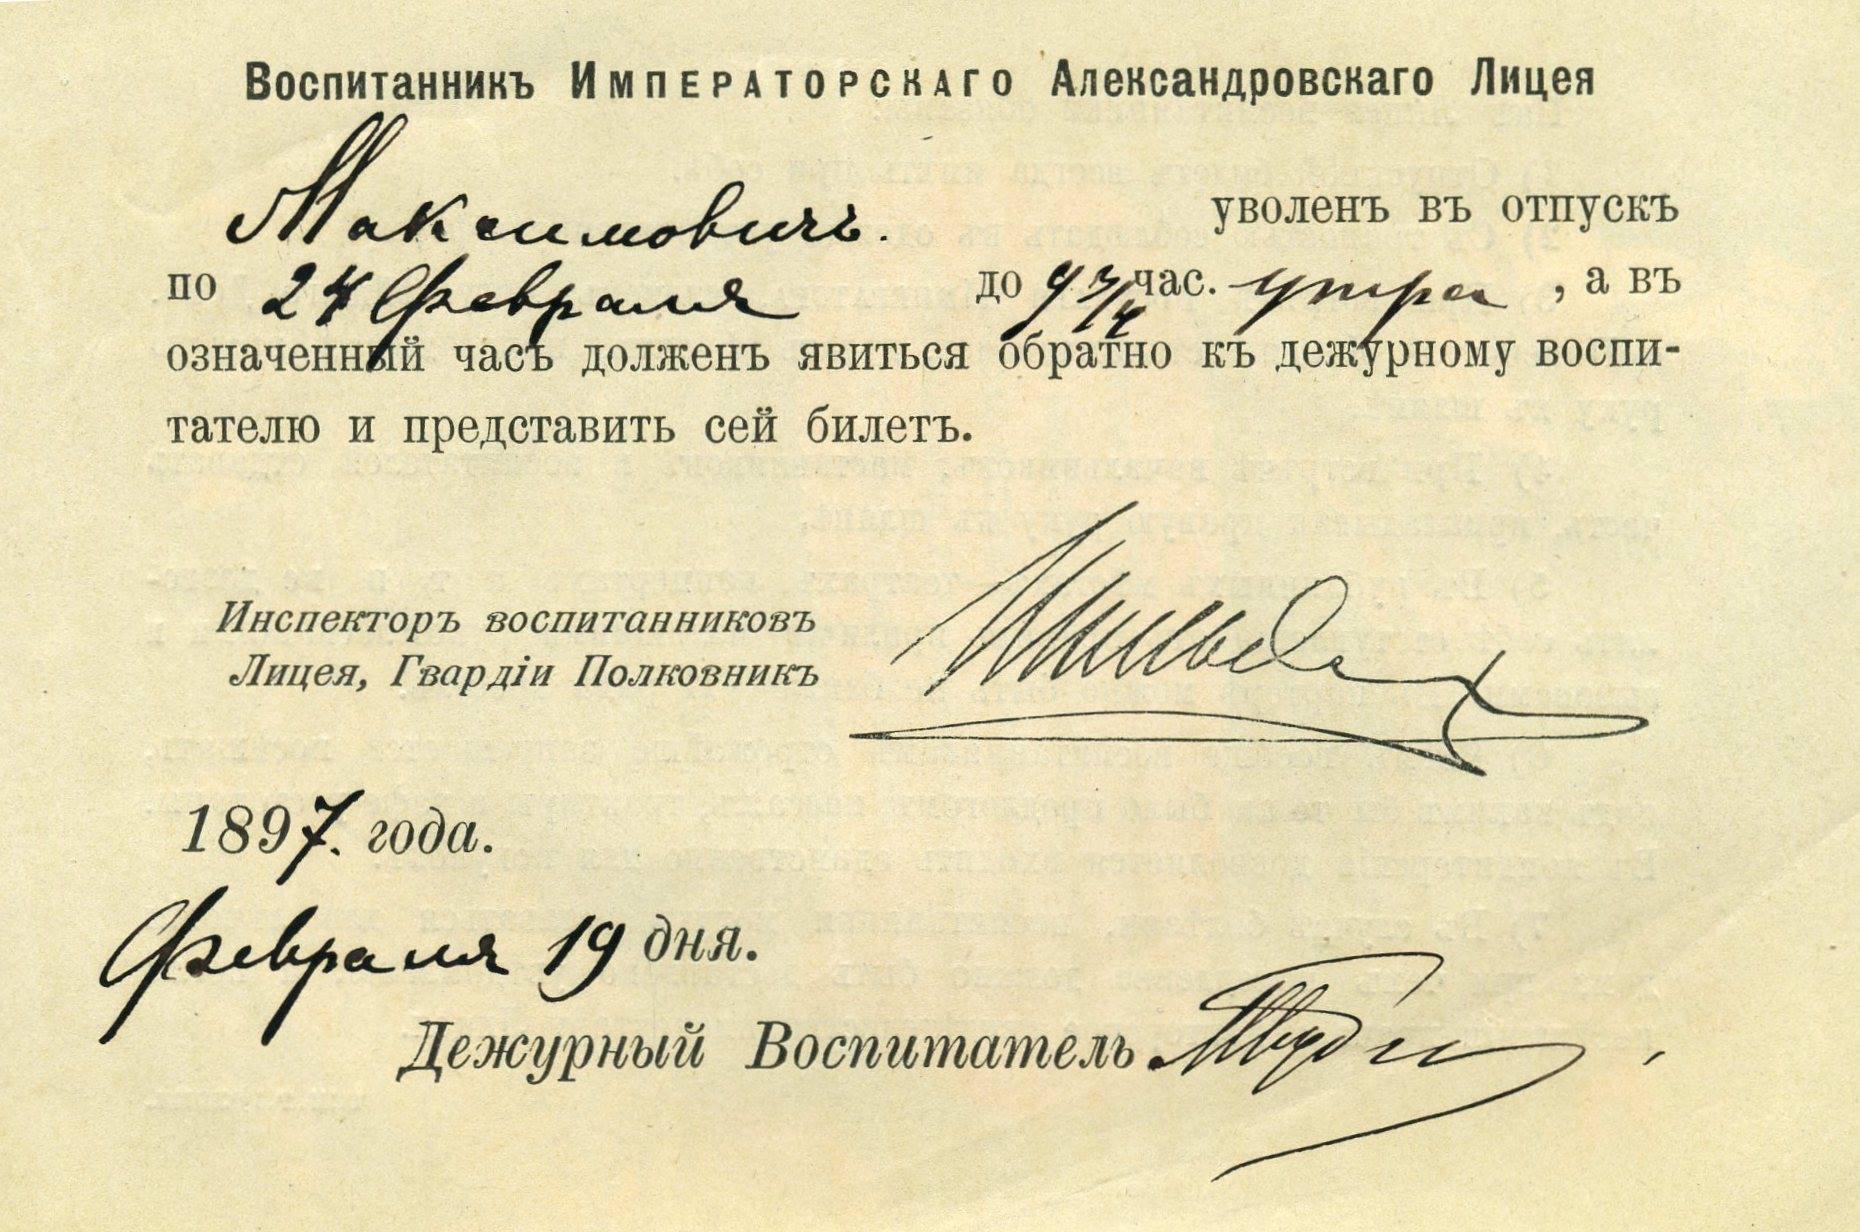 Увольнительная лицеиста за 1897 год